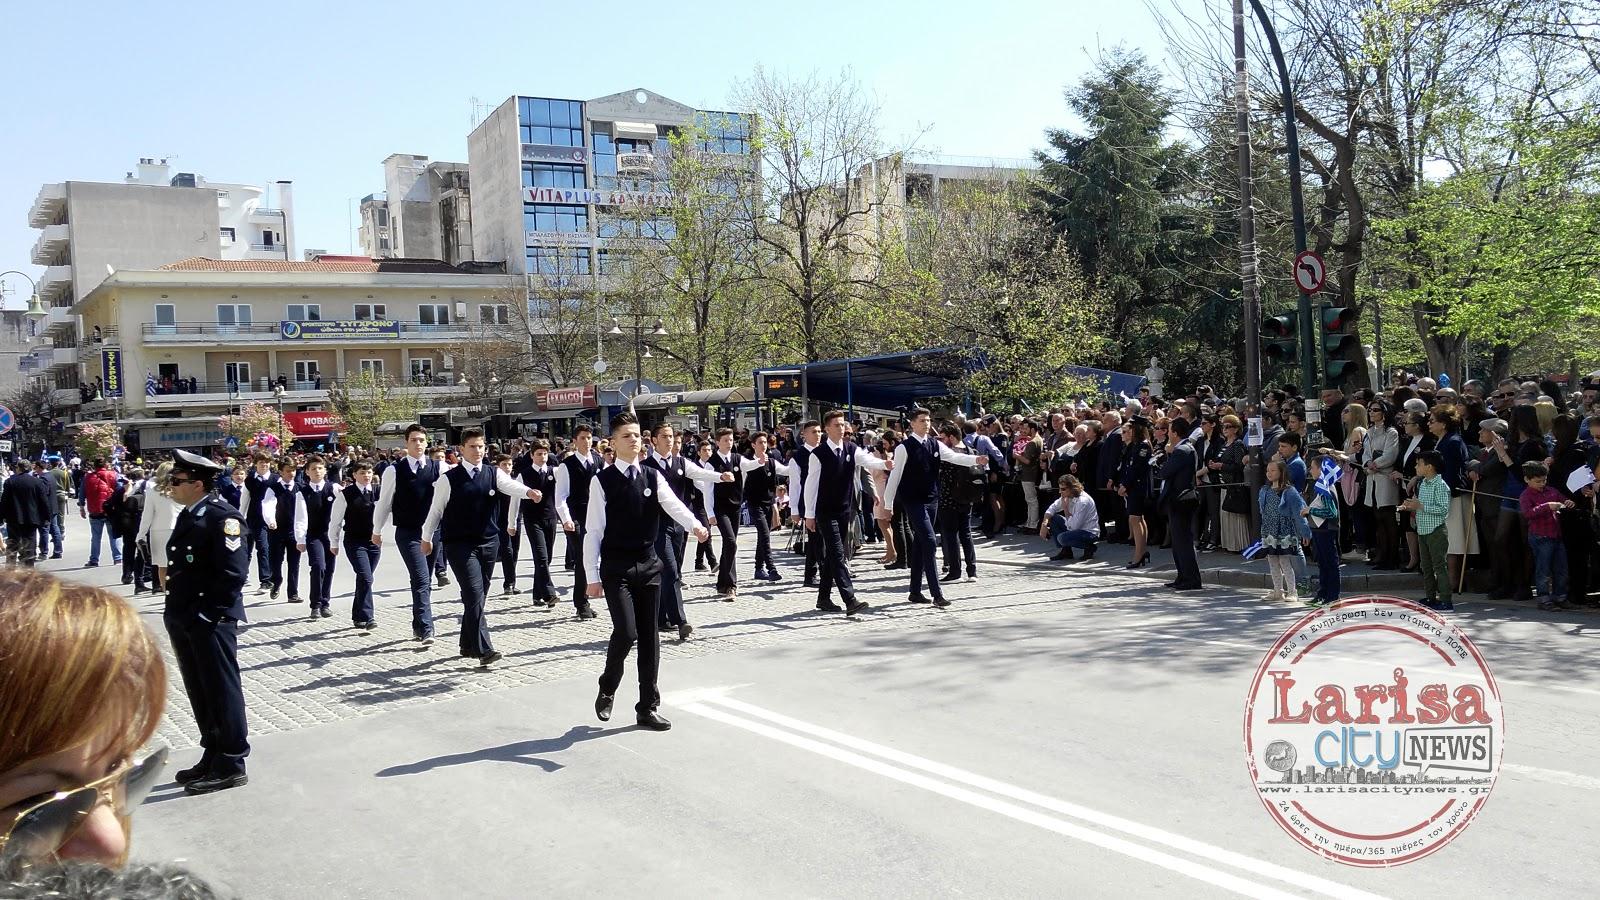 Η Λάρισα τιμά την Εθνική Επέτειο του ΟΧΙ – Στις 11.30 π.μ. η παρέλαση